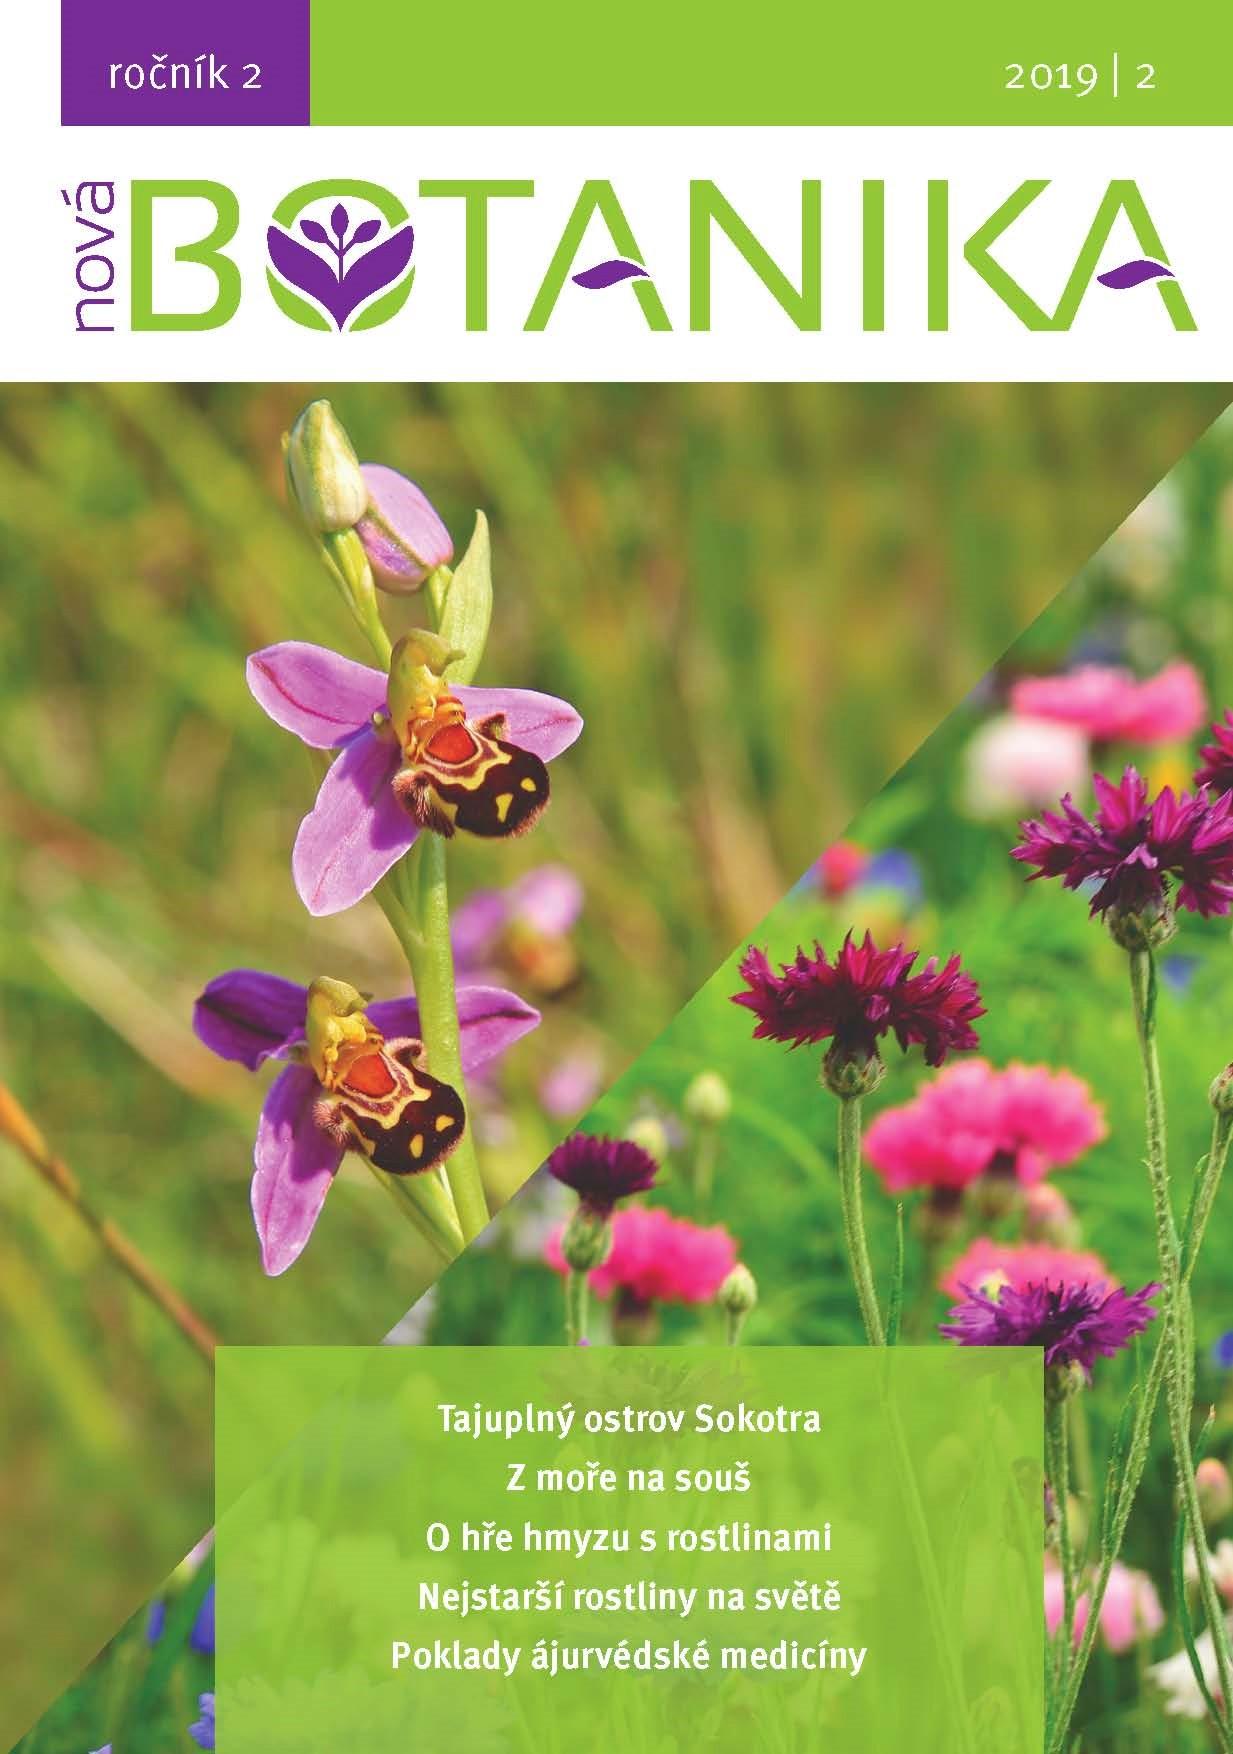 Časopis Nová Botanika. Vše pro milovníky rostlin